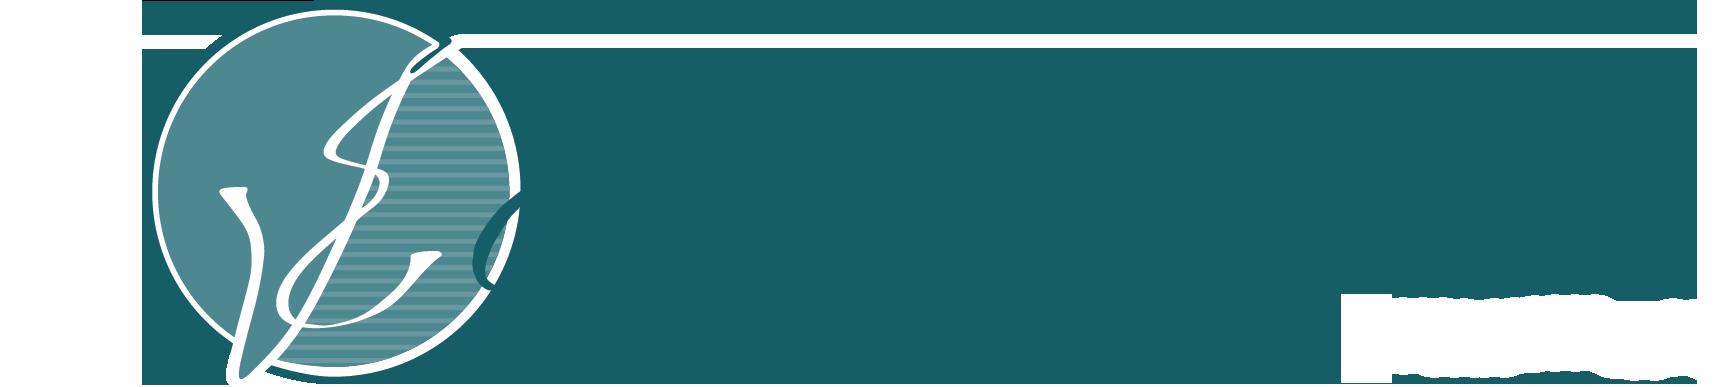 Dr. Vance Elliott - Advanced Hair and Skin